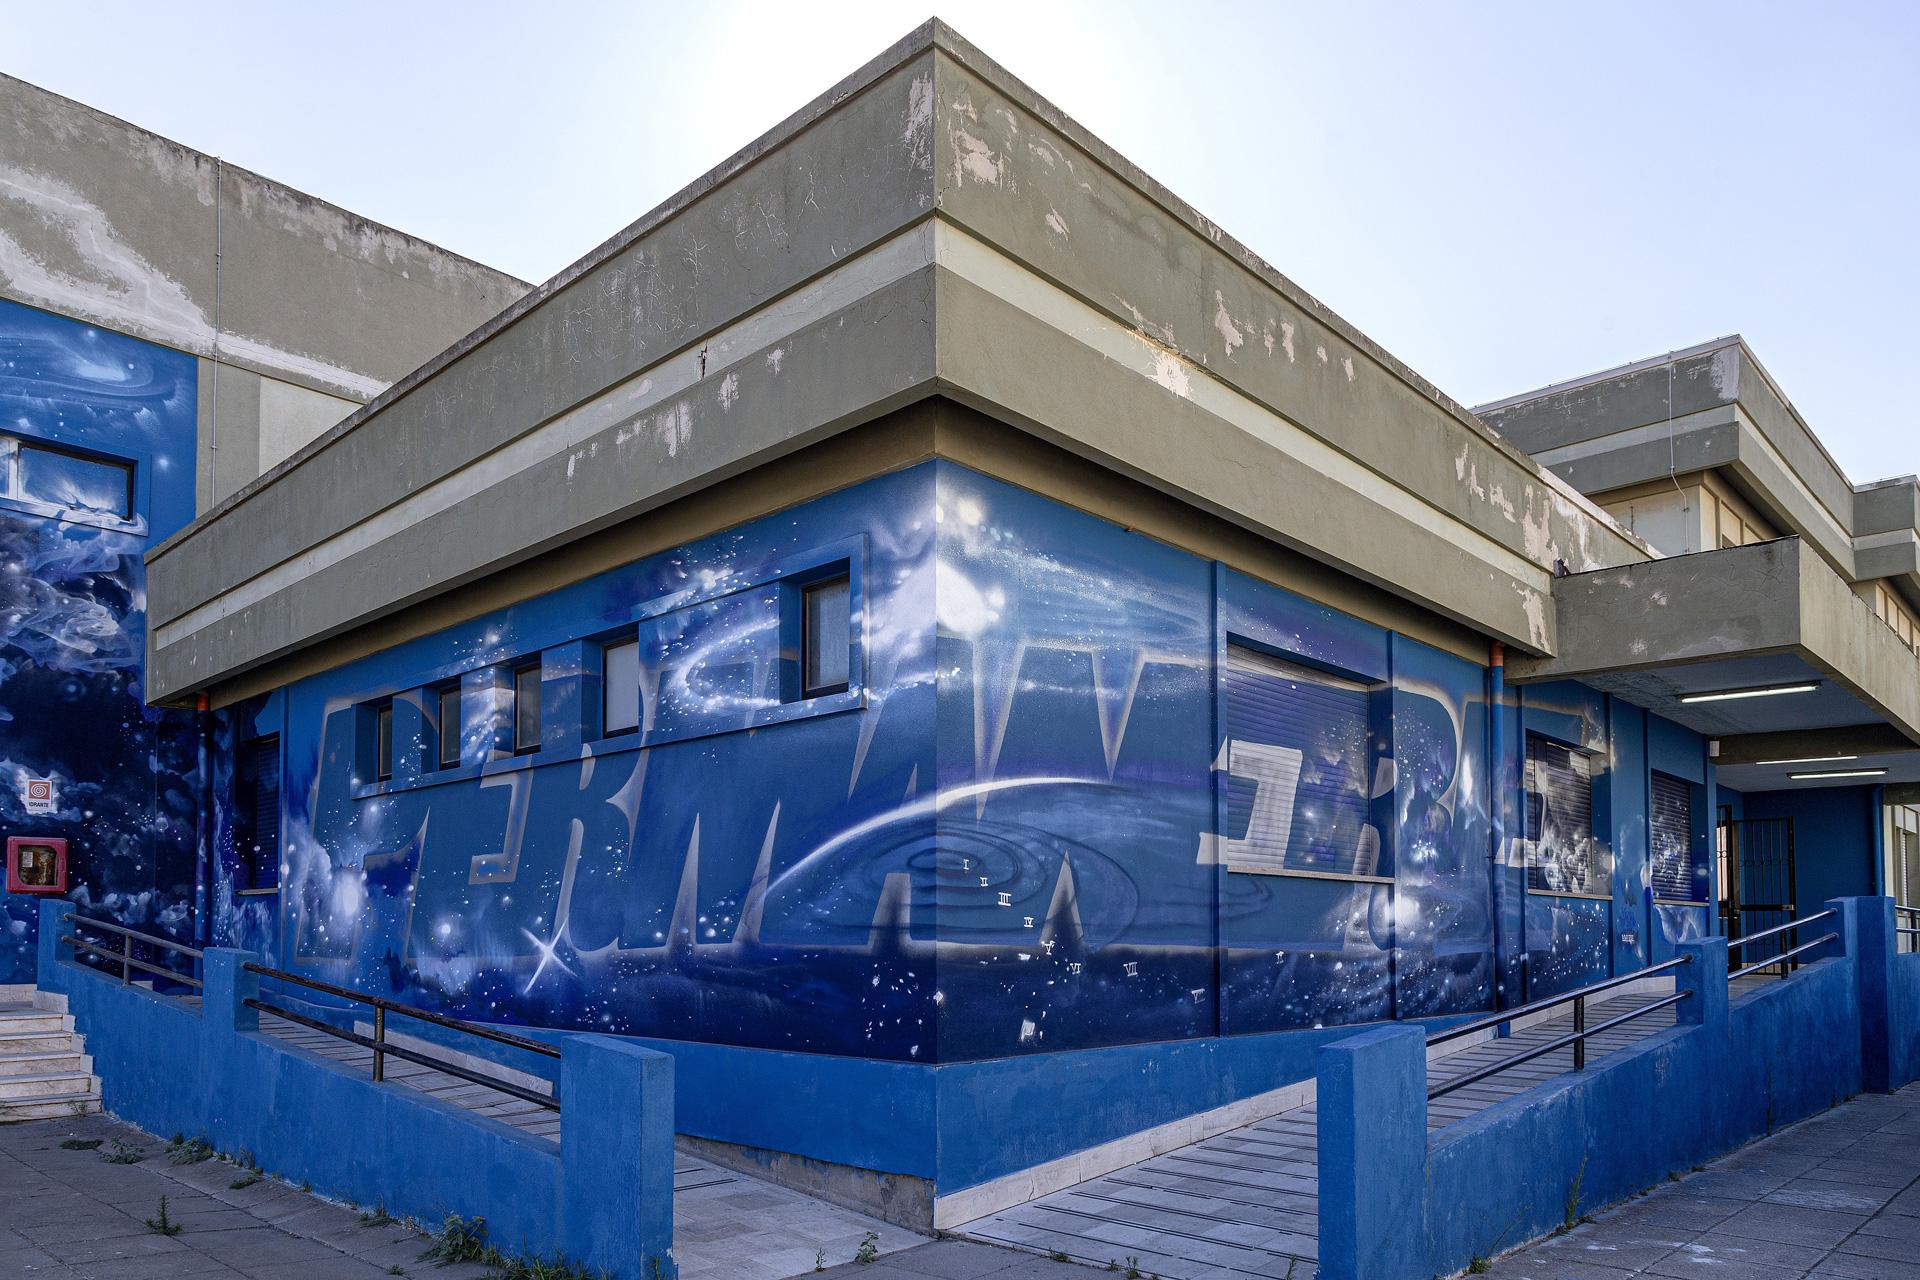 associazione_asteras, Manu Invisible, Permanere, 2018, Cagliari-Pirri